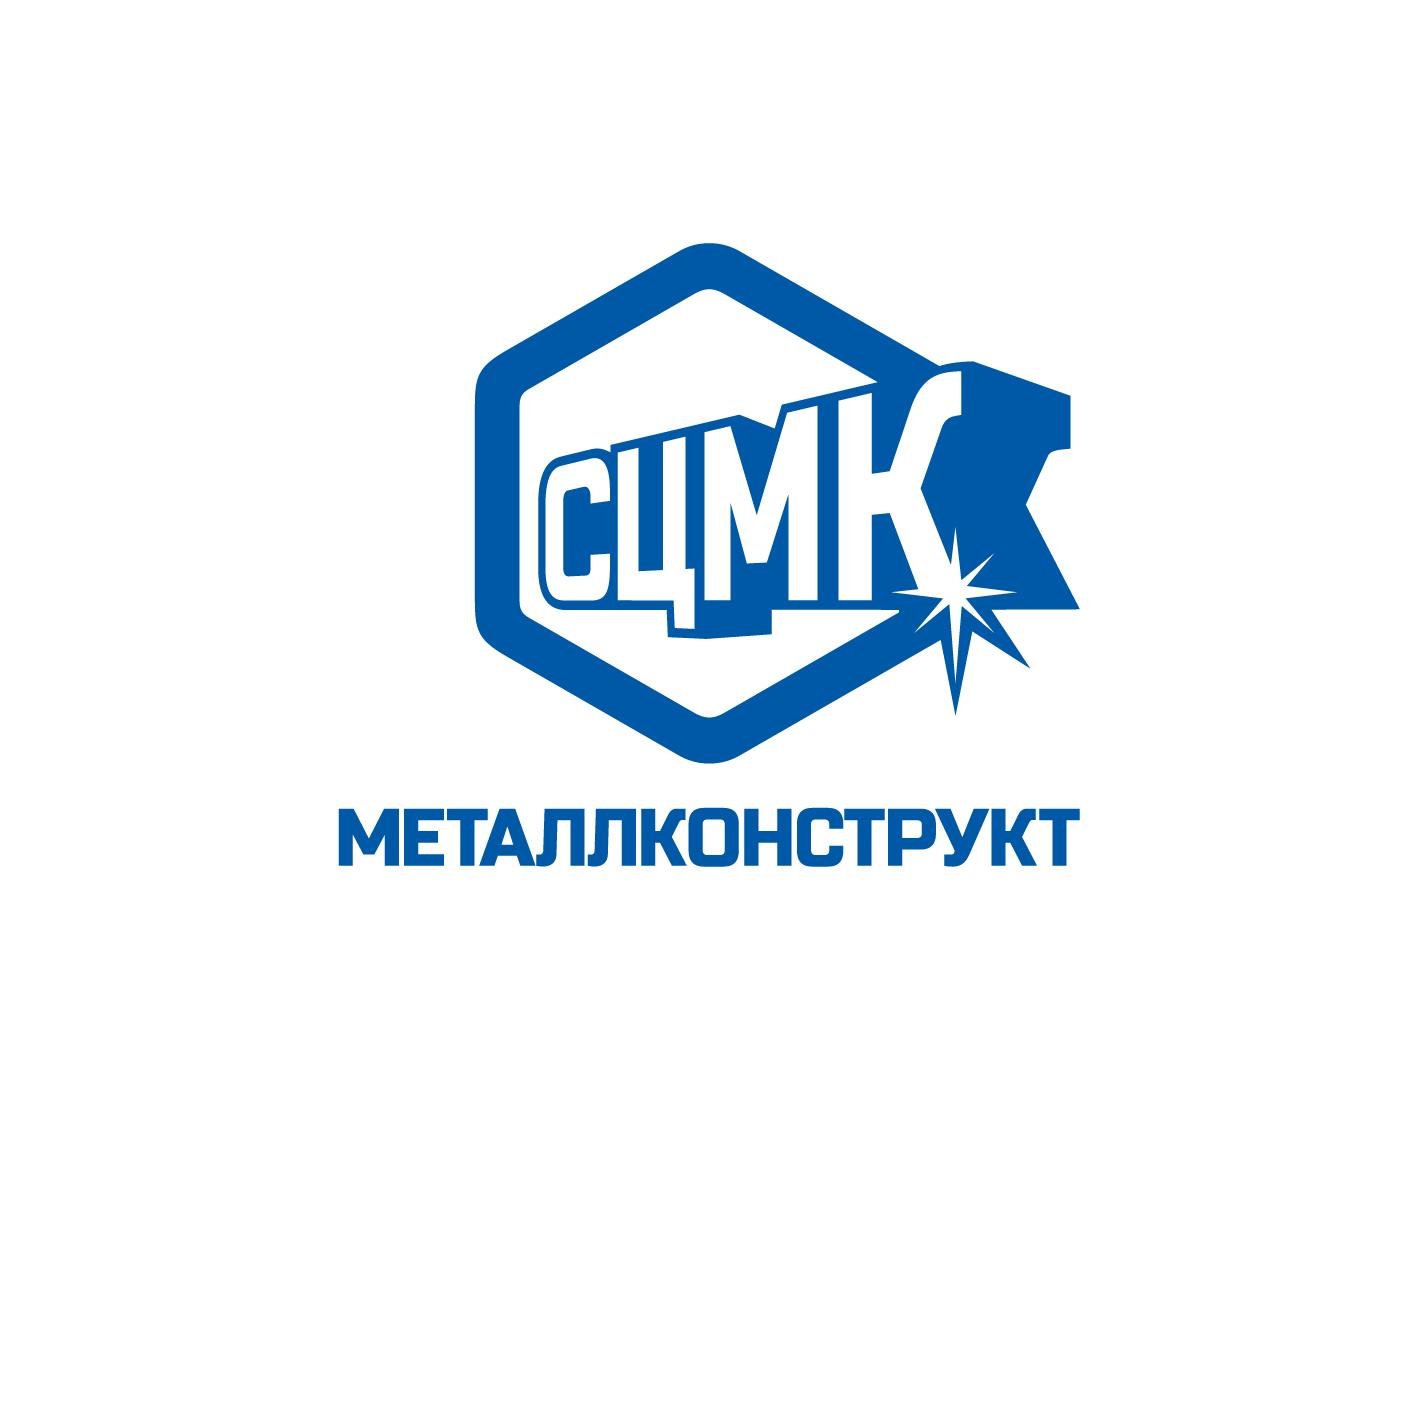 Разработка логотипа и фирменного стиля фото f_2985ad50c65746f4.png